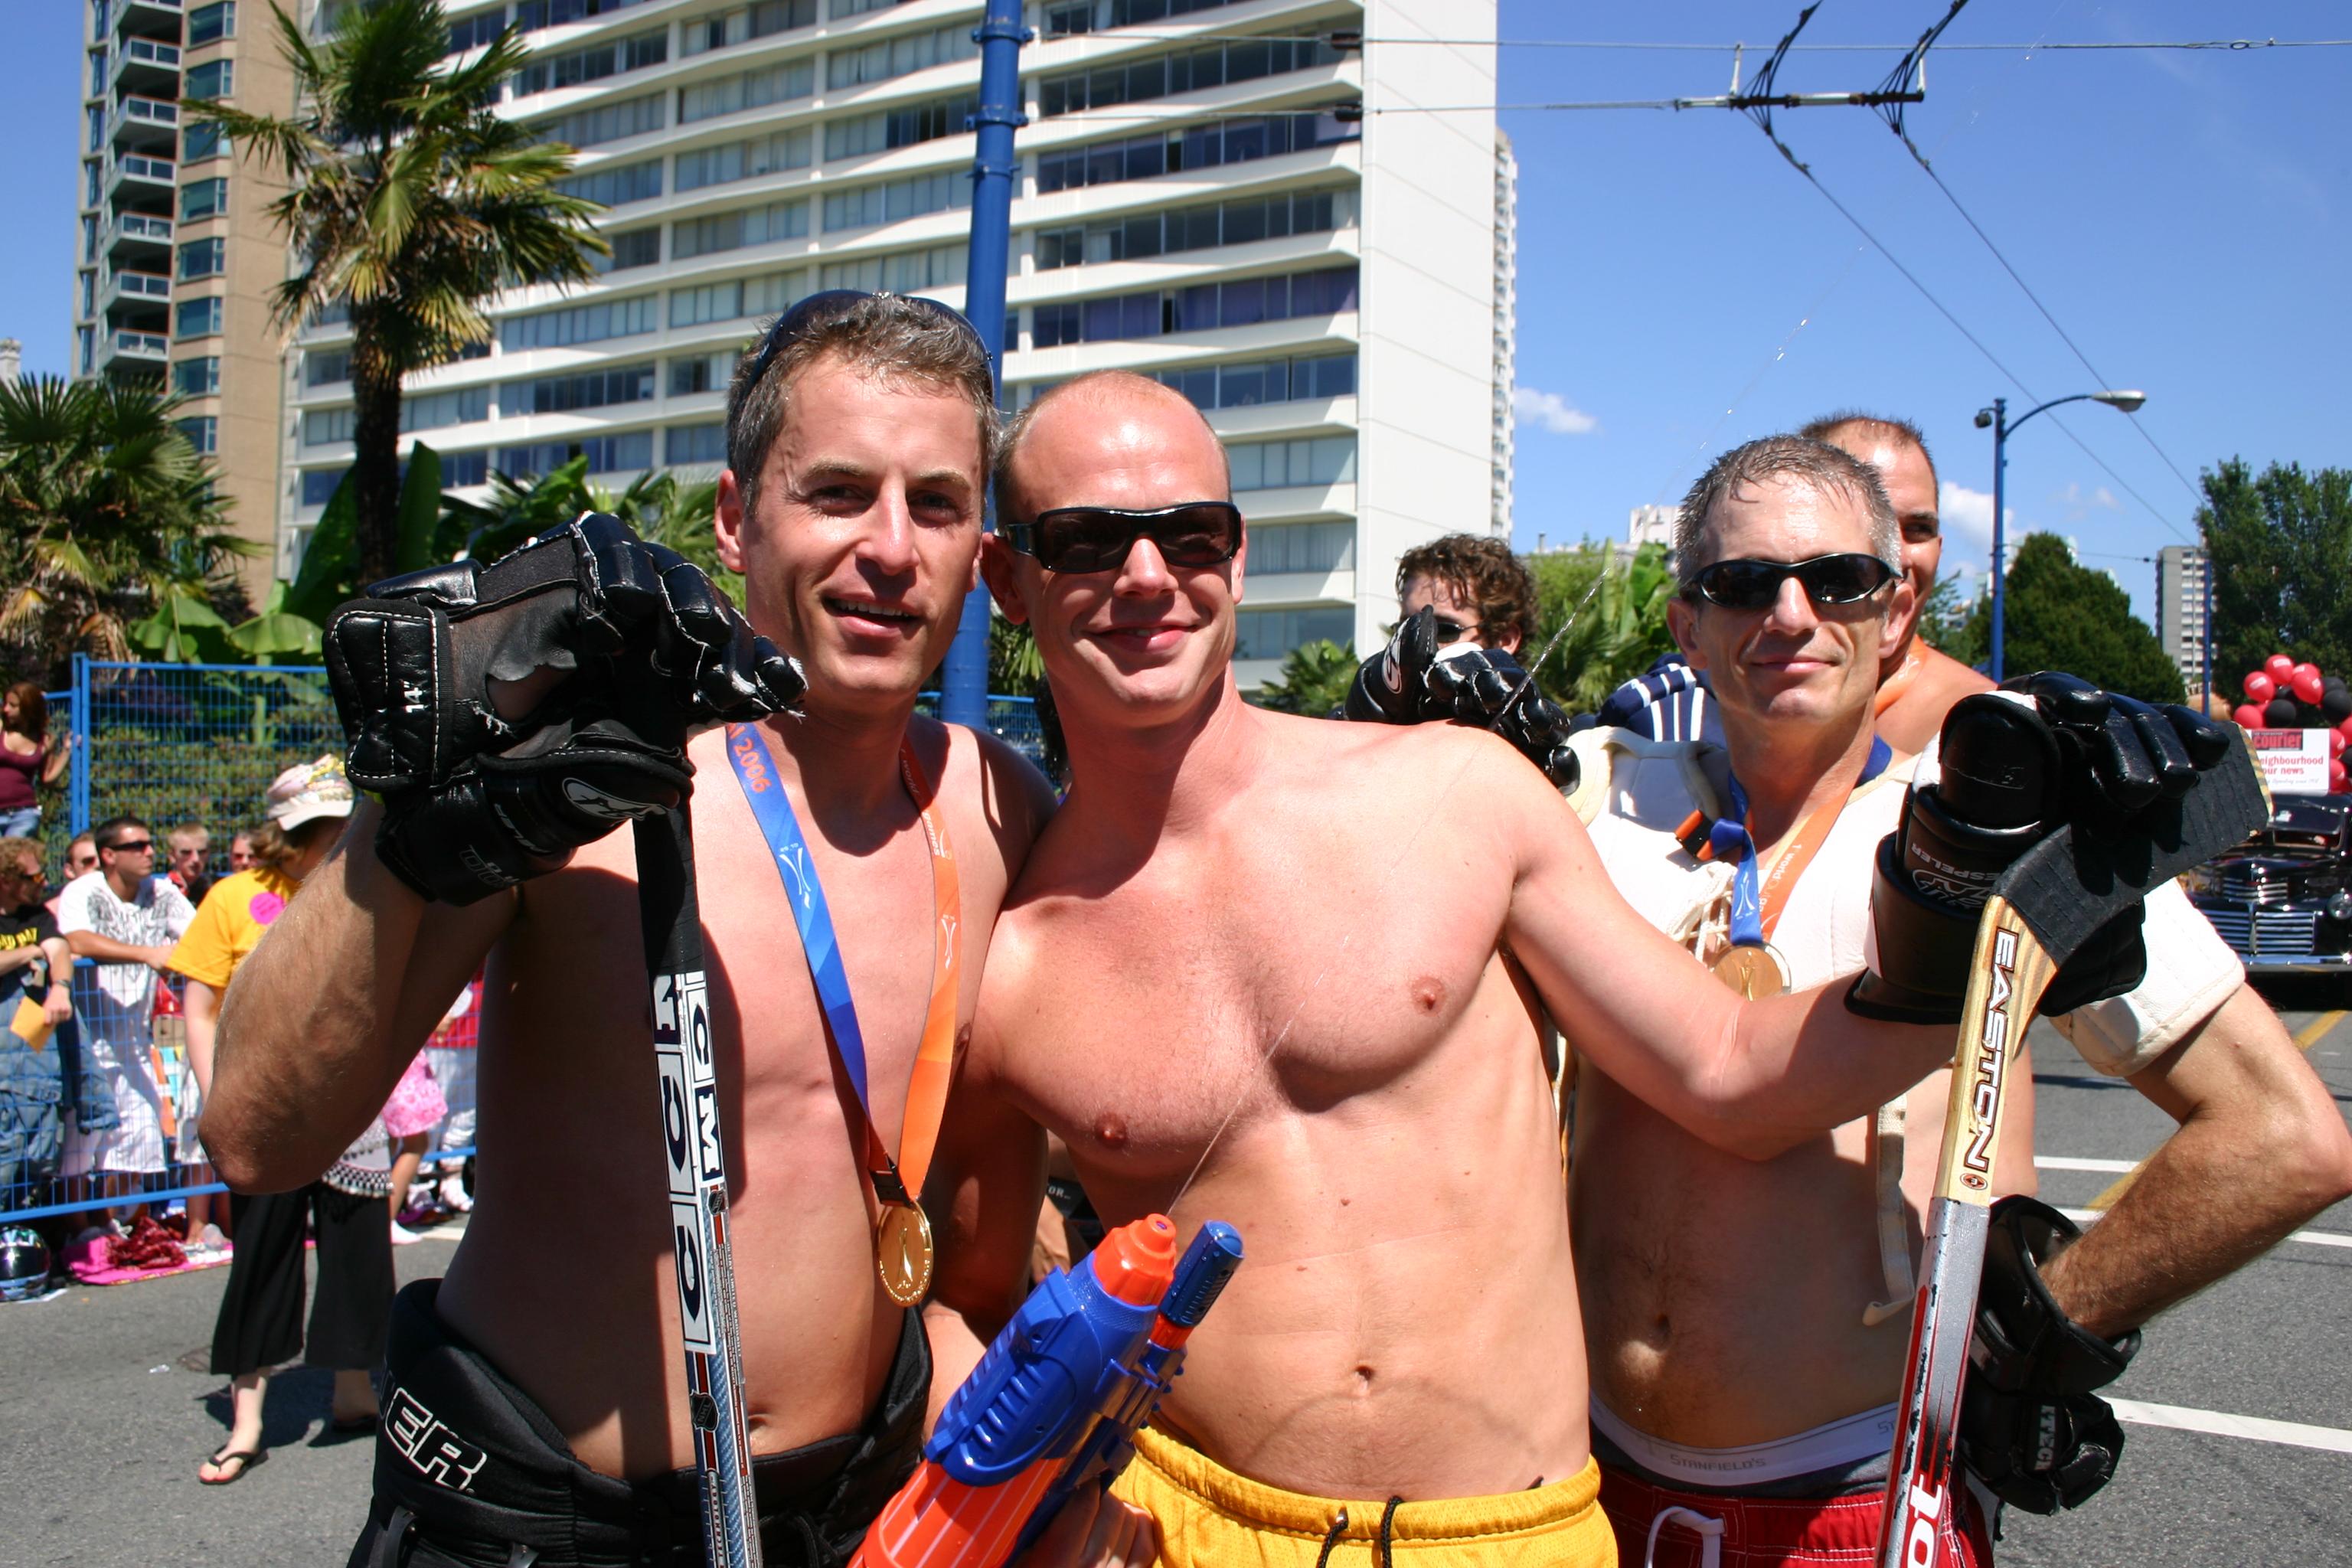 Hobby-Hockey-Teamer beim Vancouver Pride